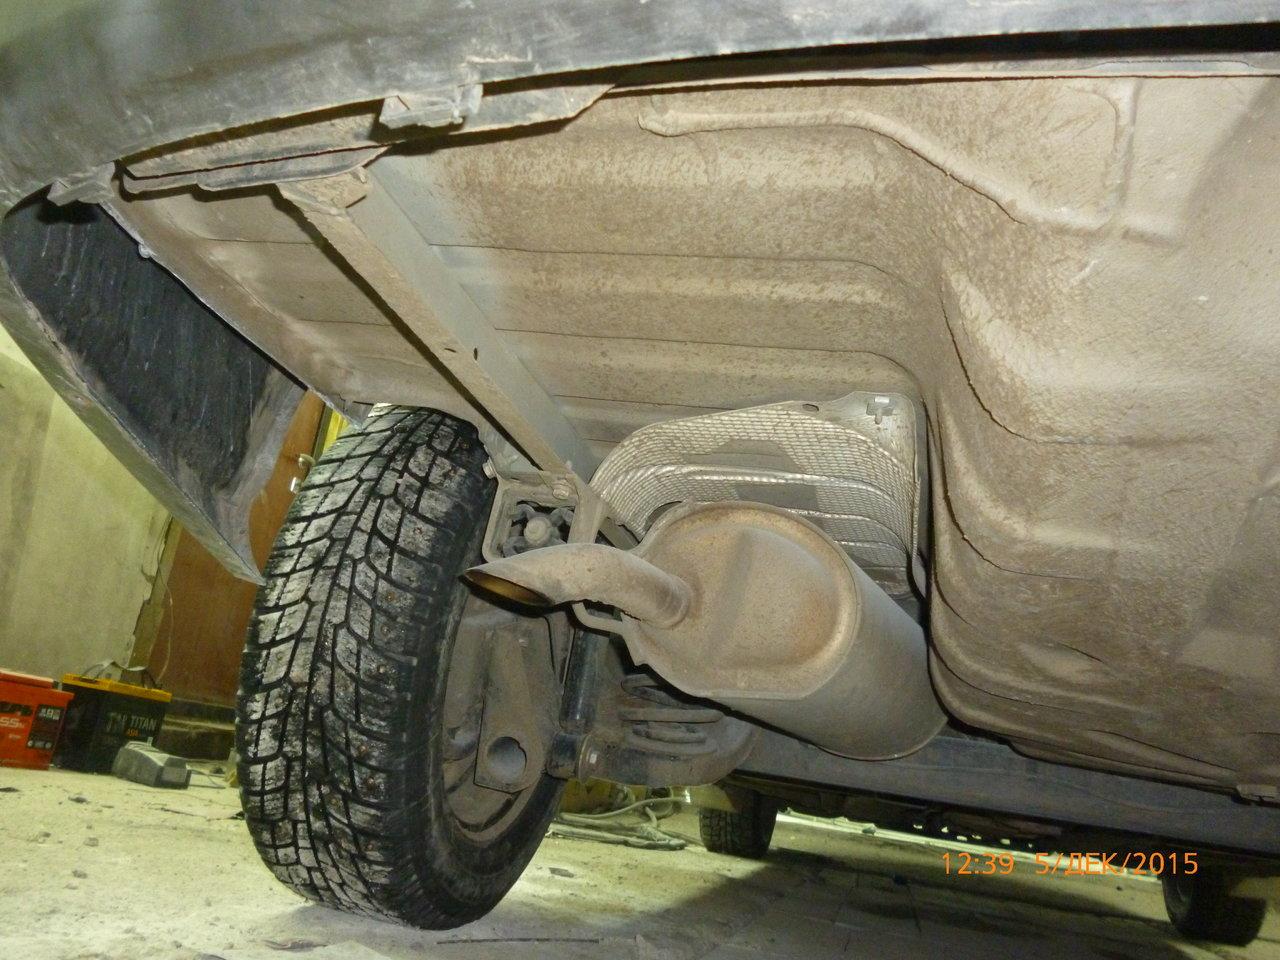 463d7495c469 Вот вам задний лонжерон автомобиля Рено - Симбол 13 года. Не благодарите .  Покупайте новые, исключительно безопасные авто.